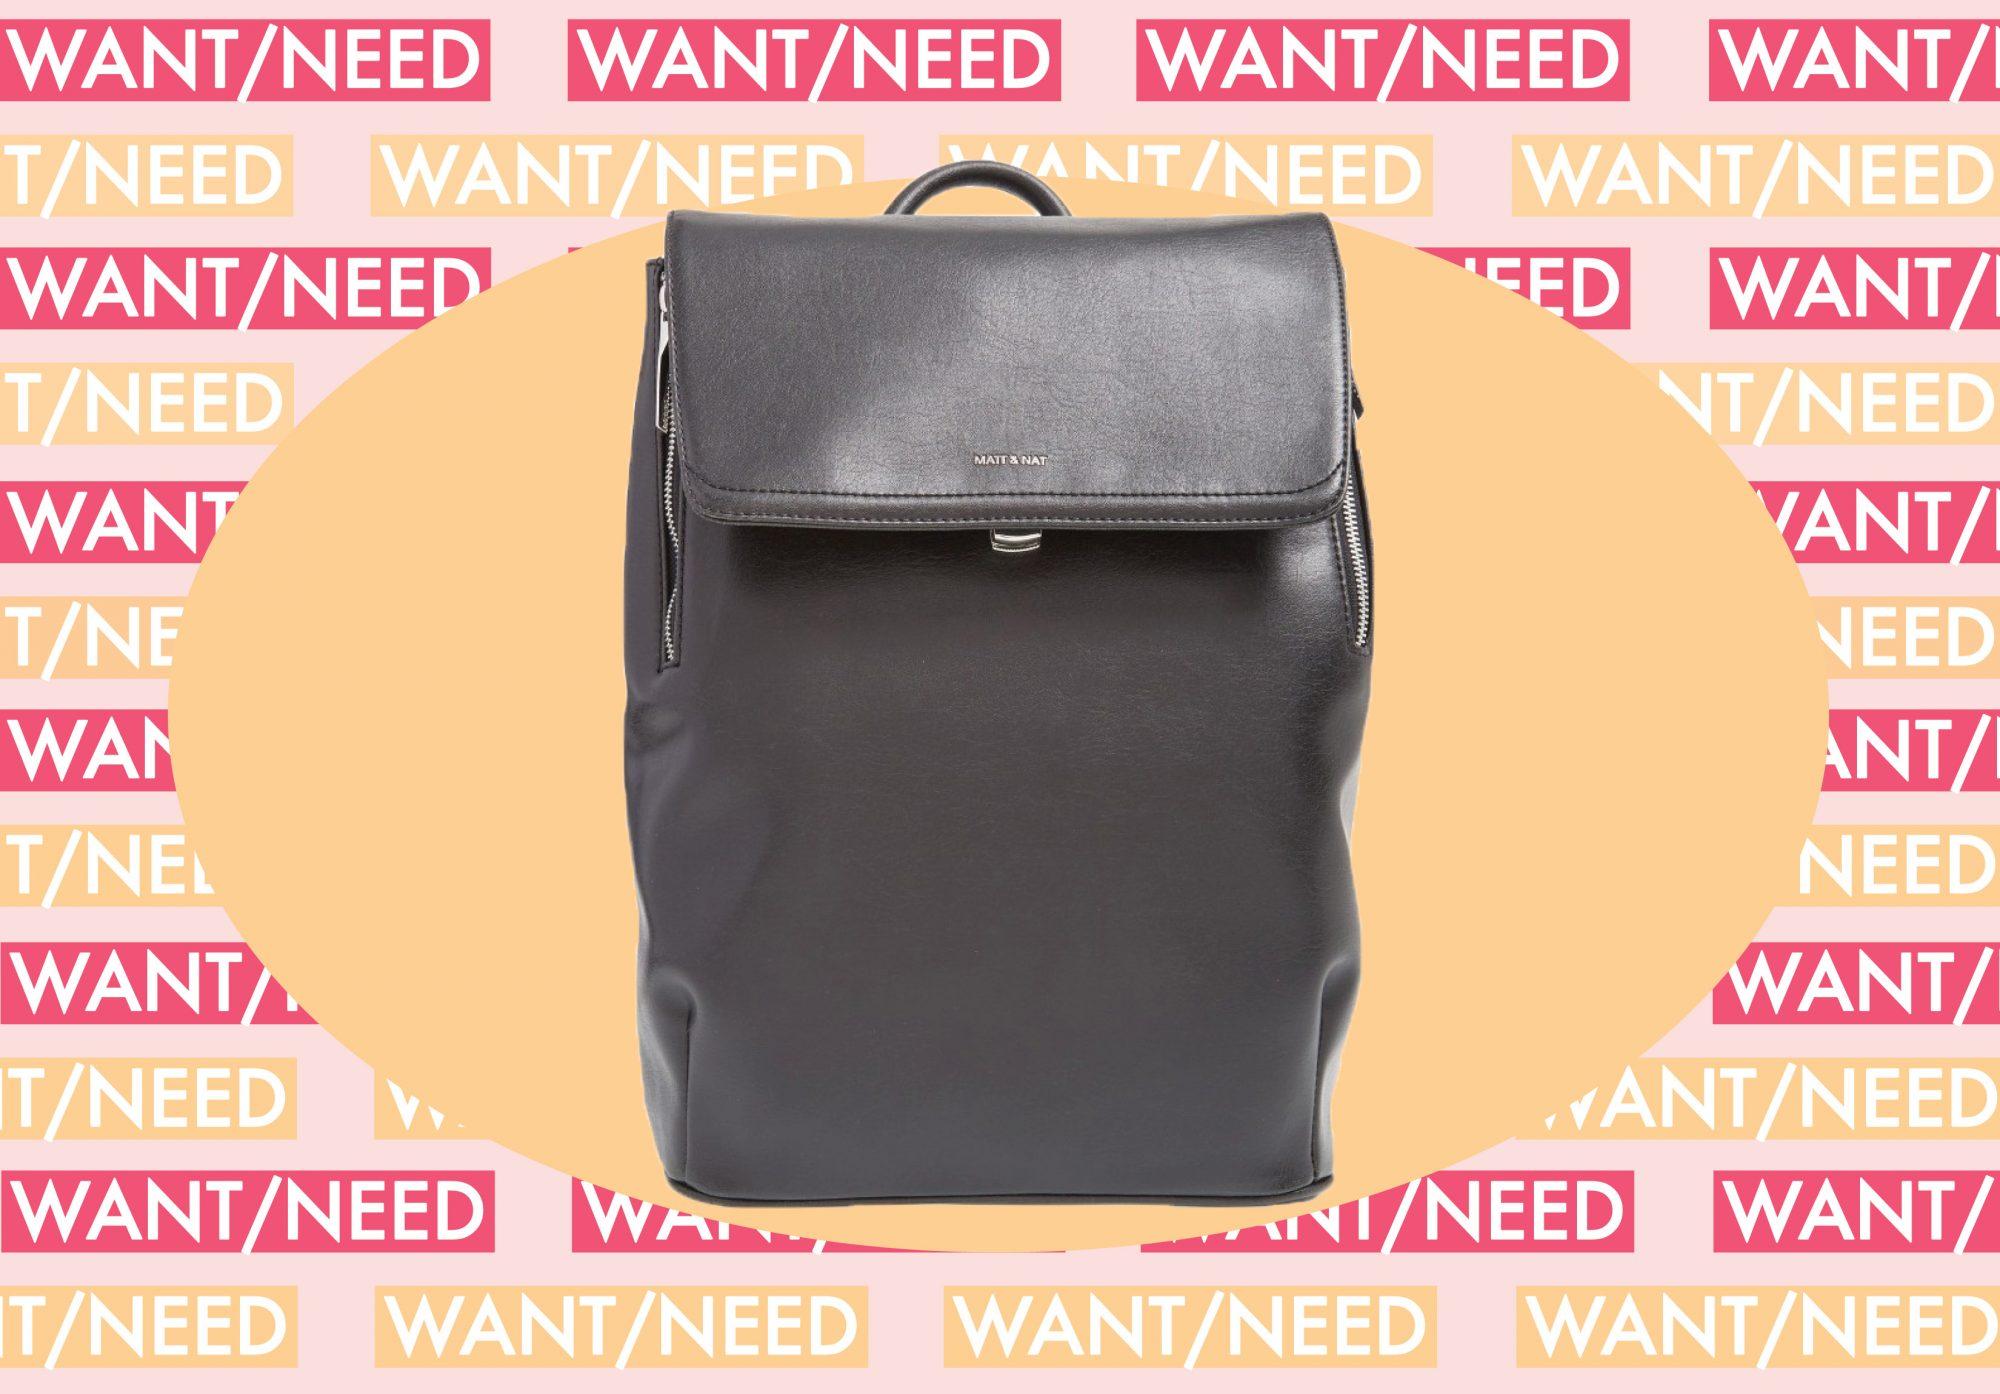 want_need_6